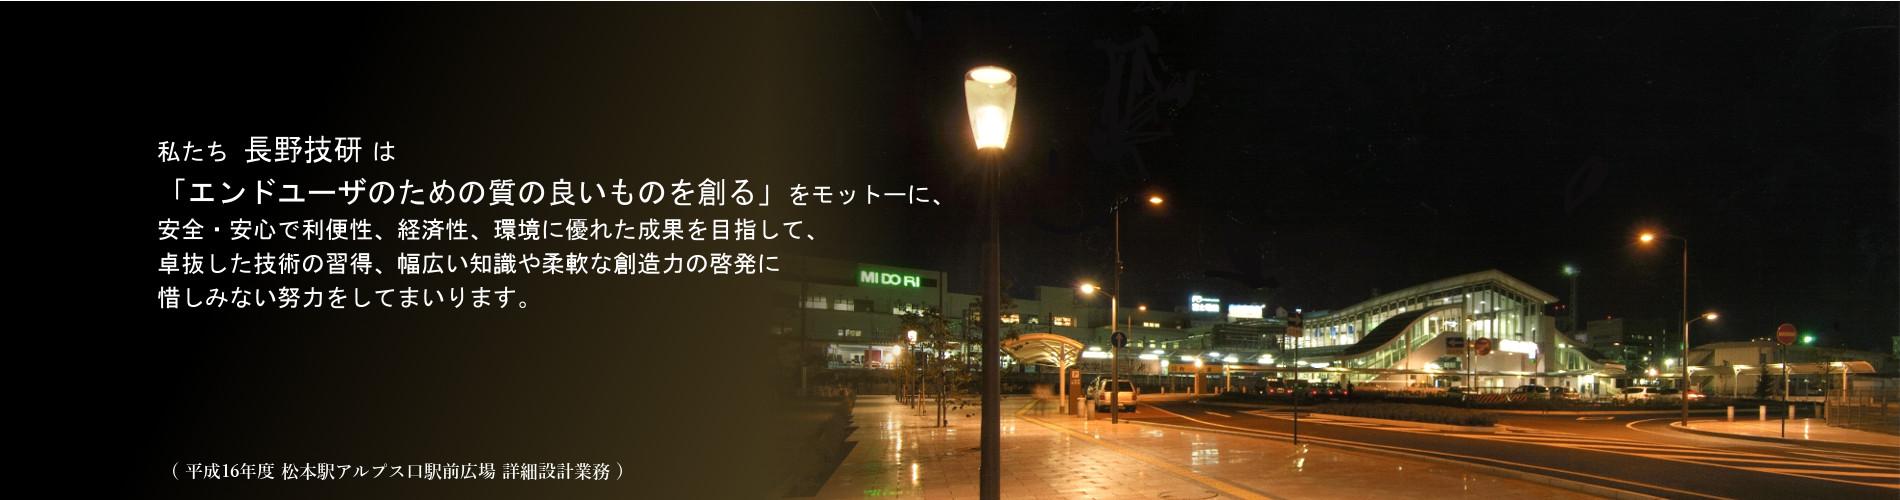 松本駅アルプス口広場